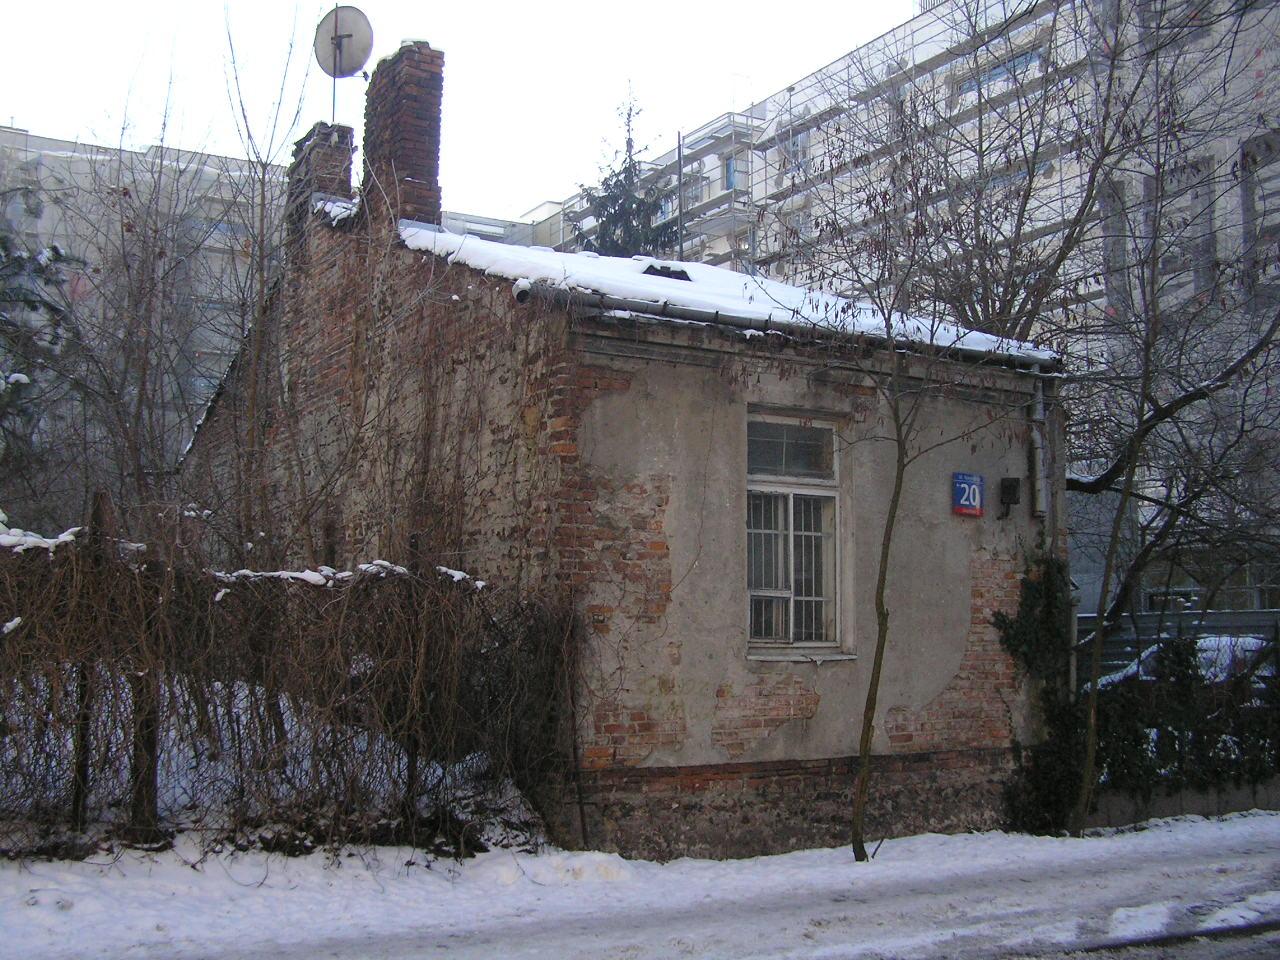 Budynek przy ulicy Korytnickiej 20 na Grochowie